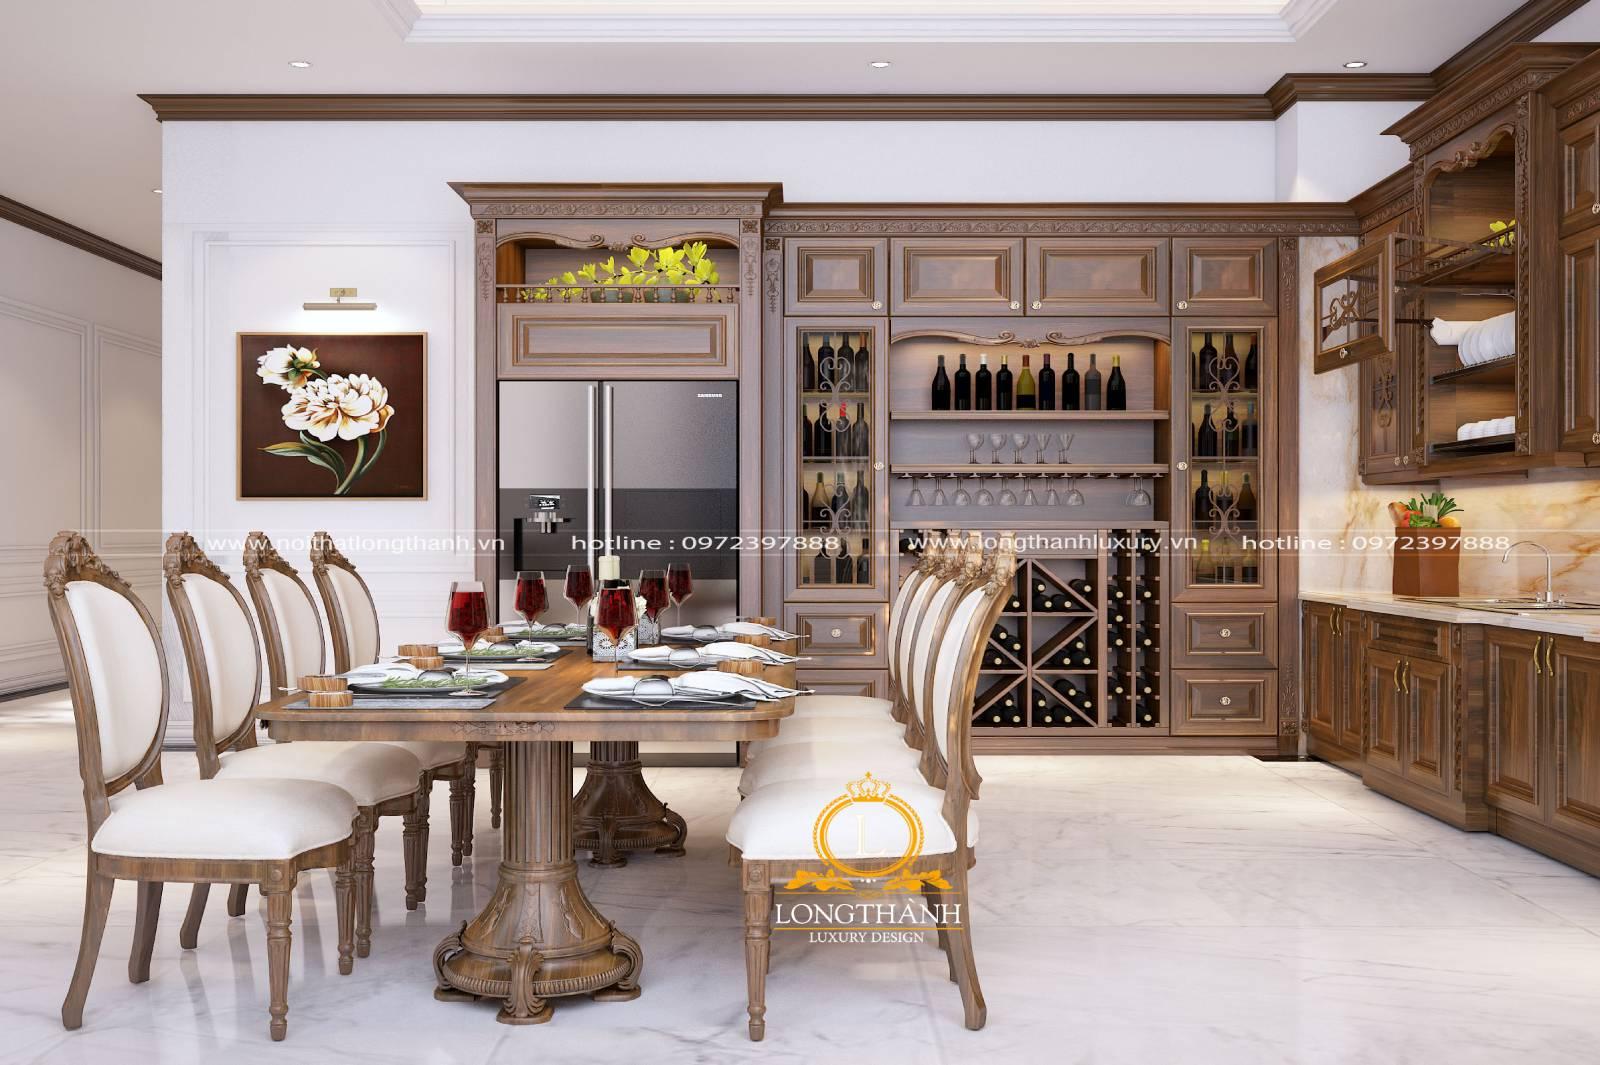 Mẫu bàn ghế ăn gỗ Sồi 8 ghế cho phòng bếp nhà biệt thự rộng